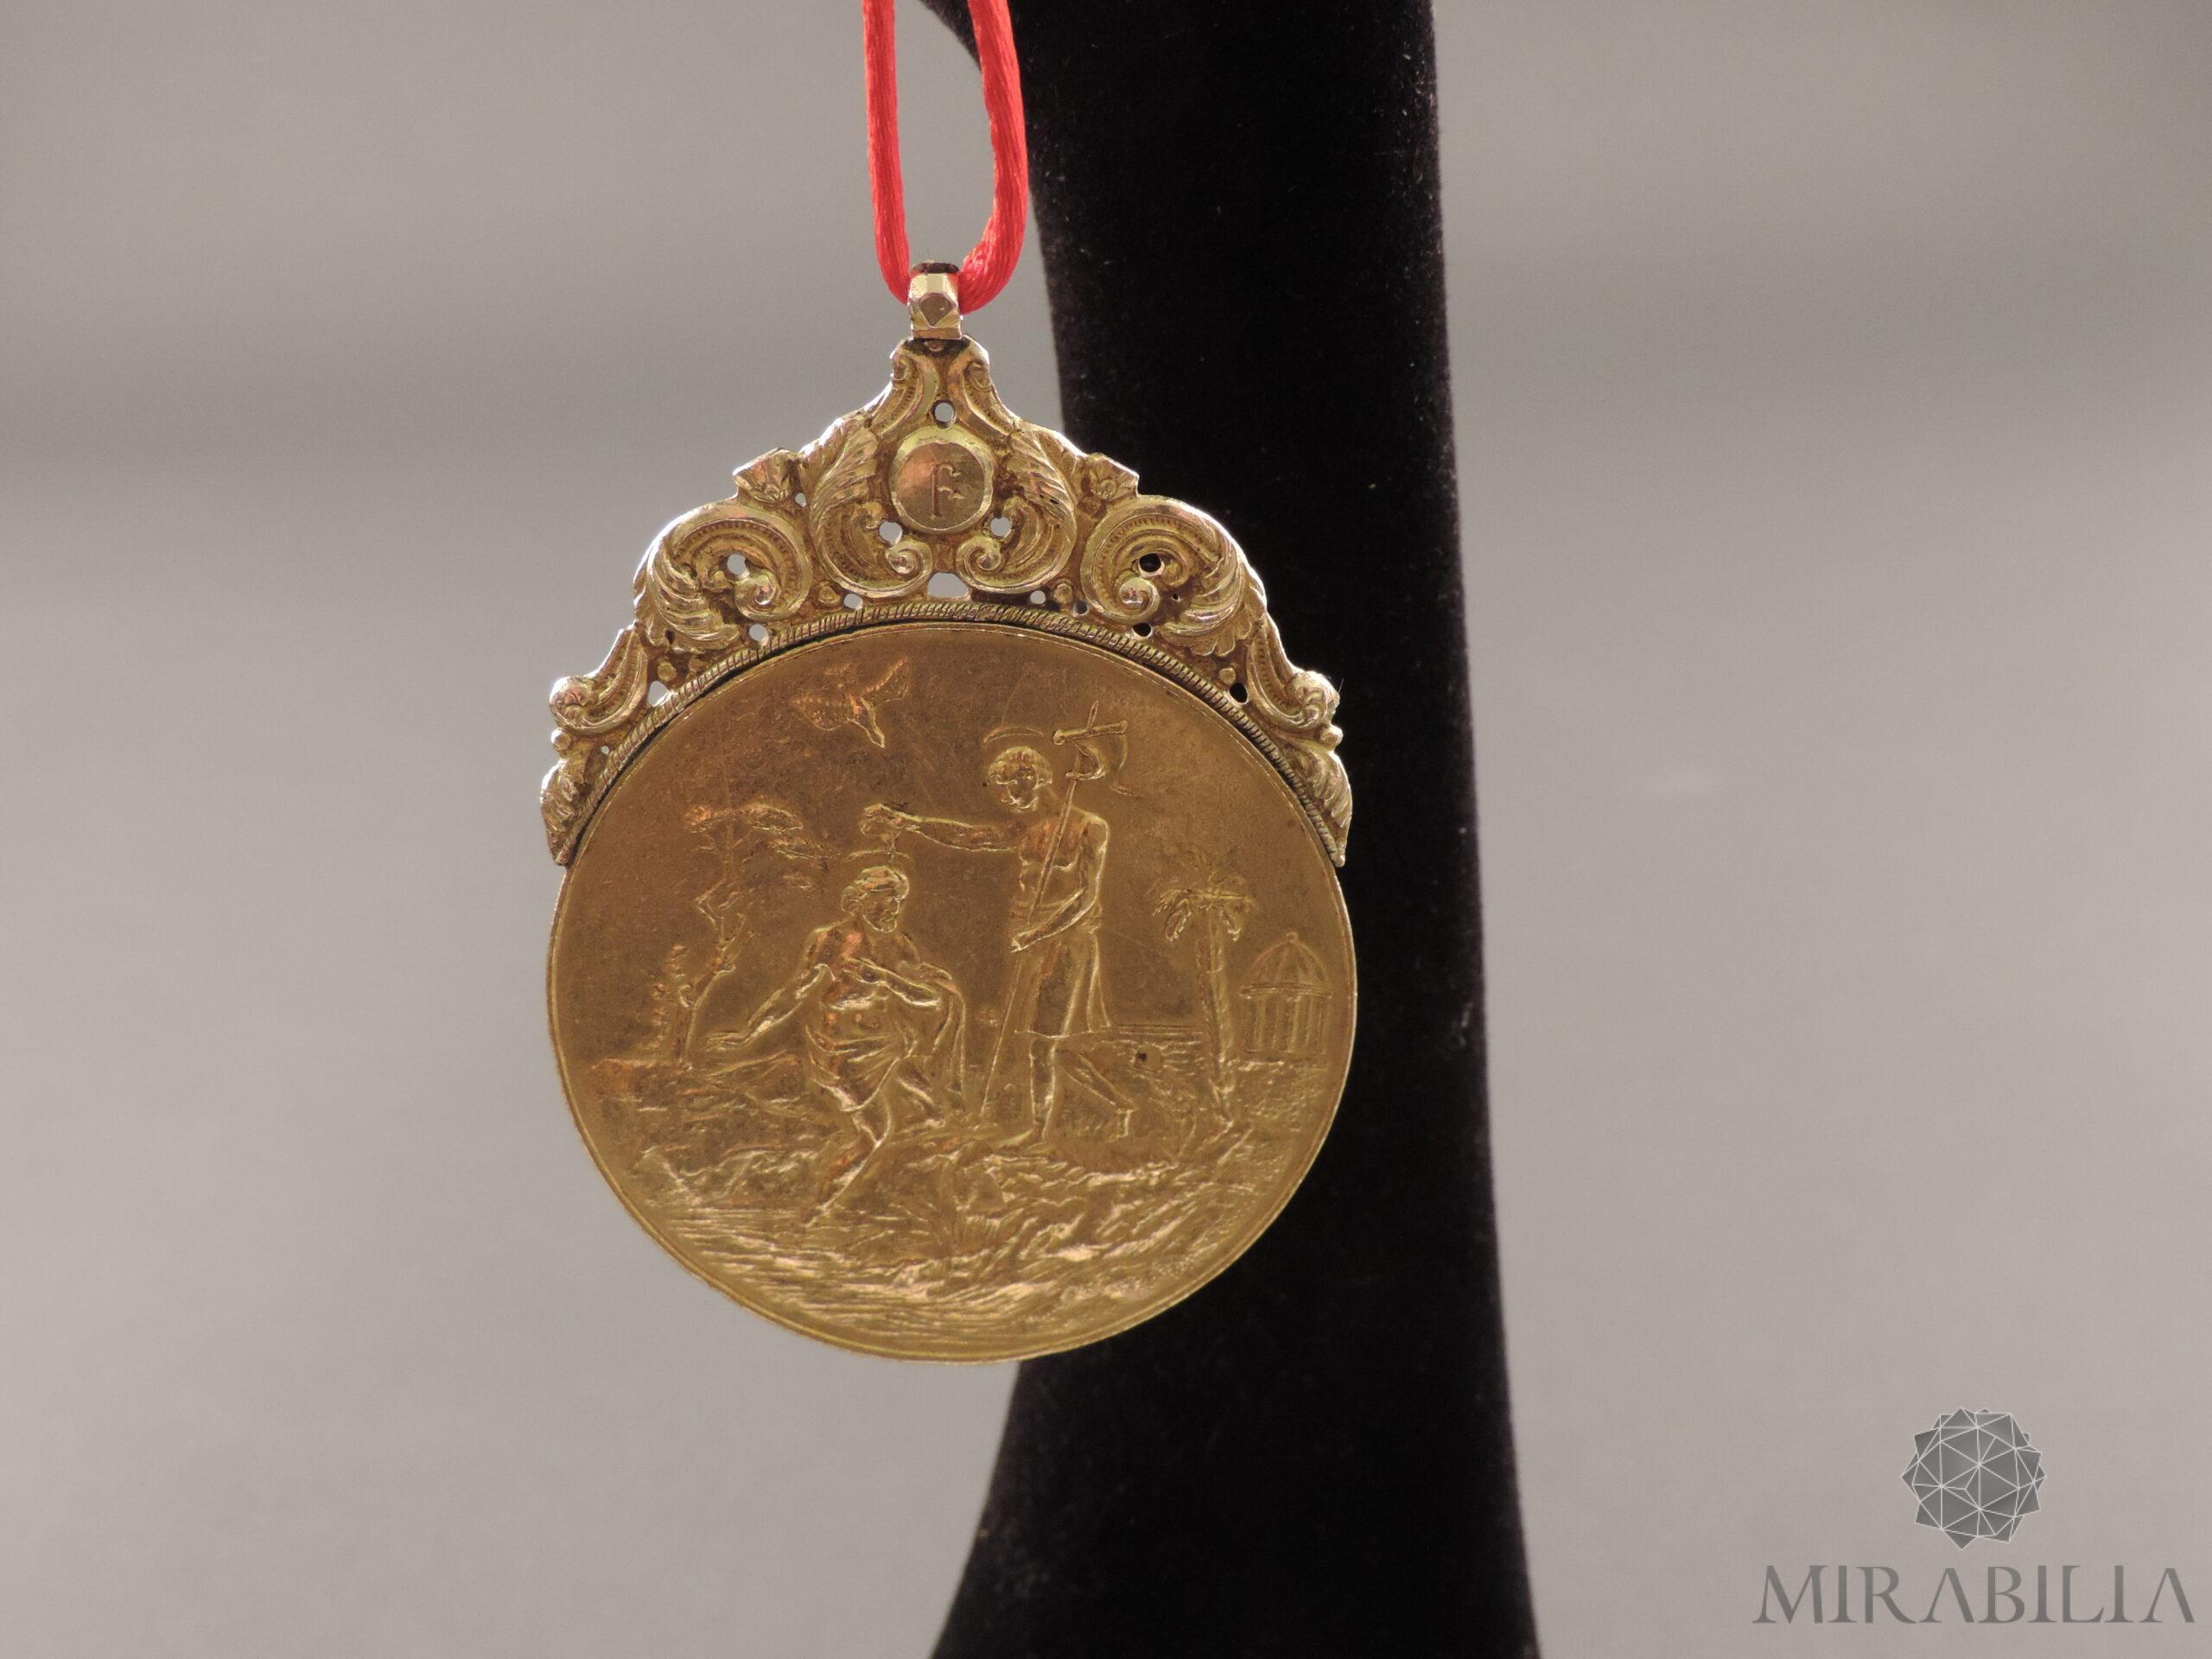 Medaglia russa in oro con tema religioso, seconda metà '700 (fronte)